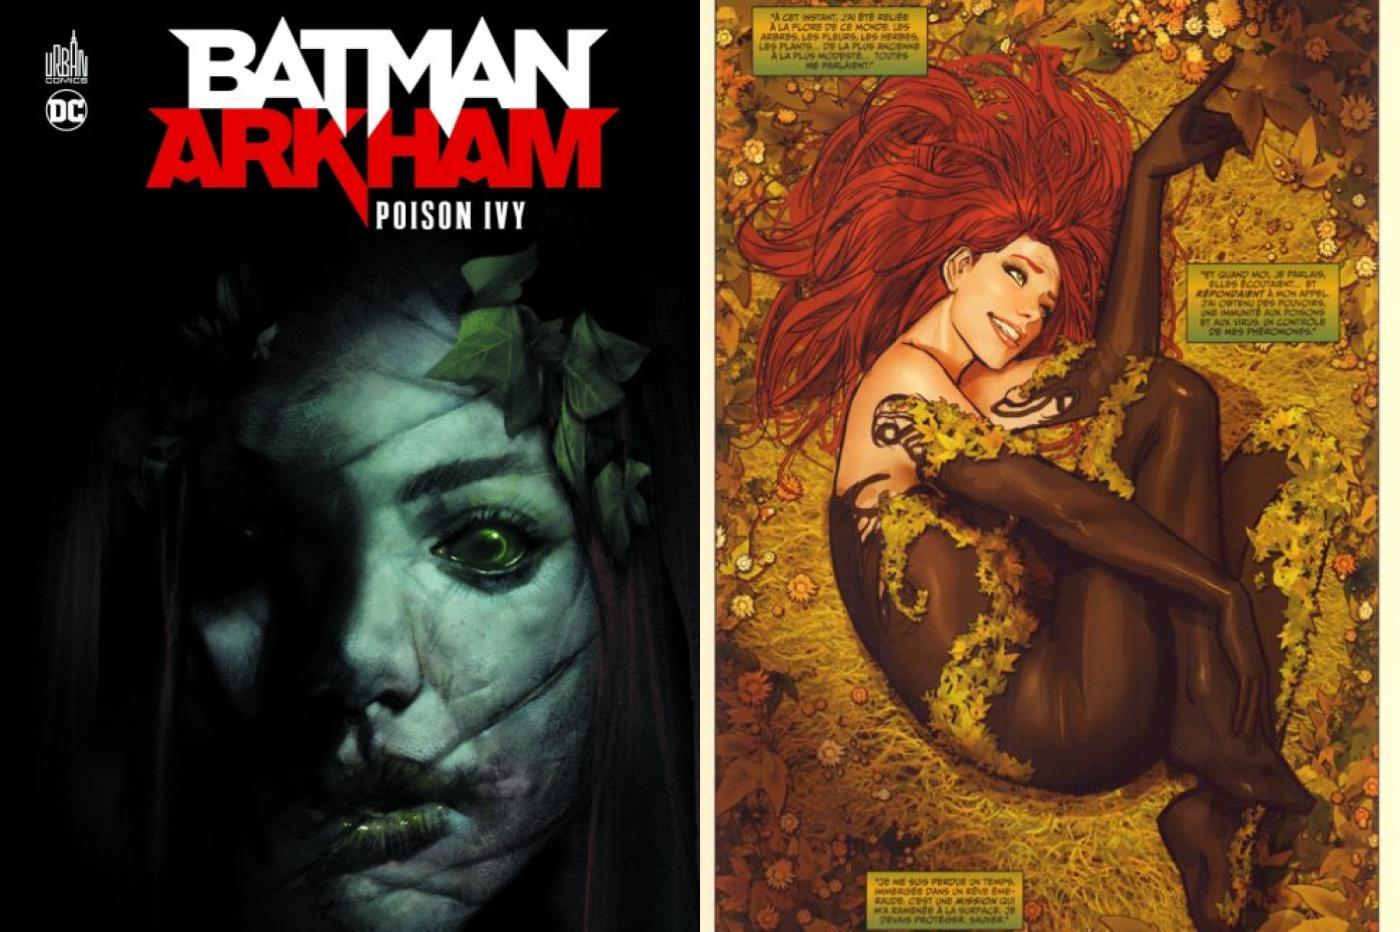 Batman Arkham tome 2: Poison Ivy